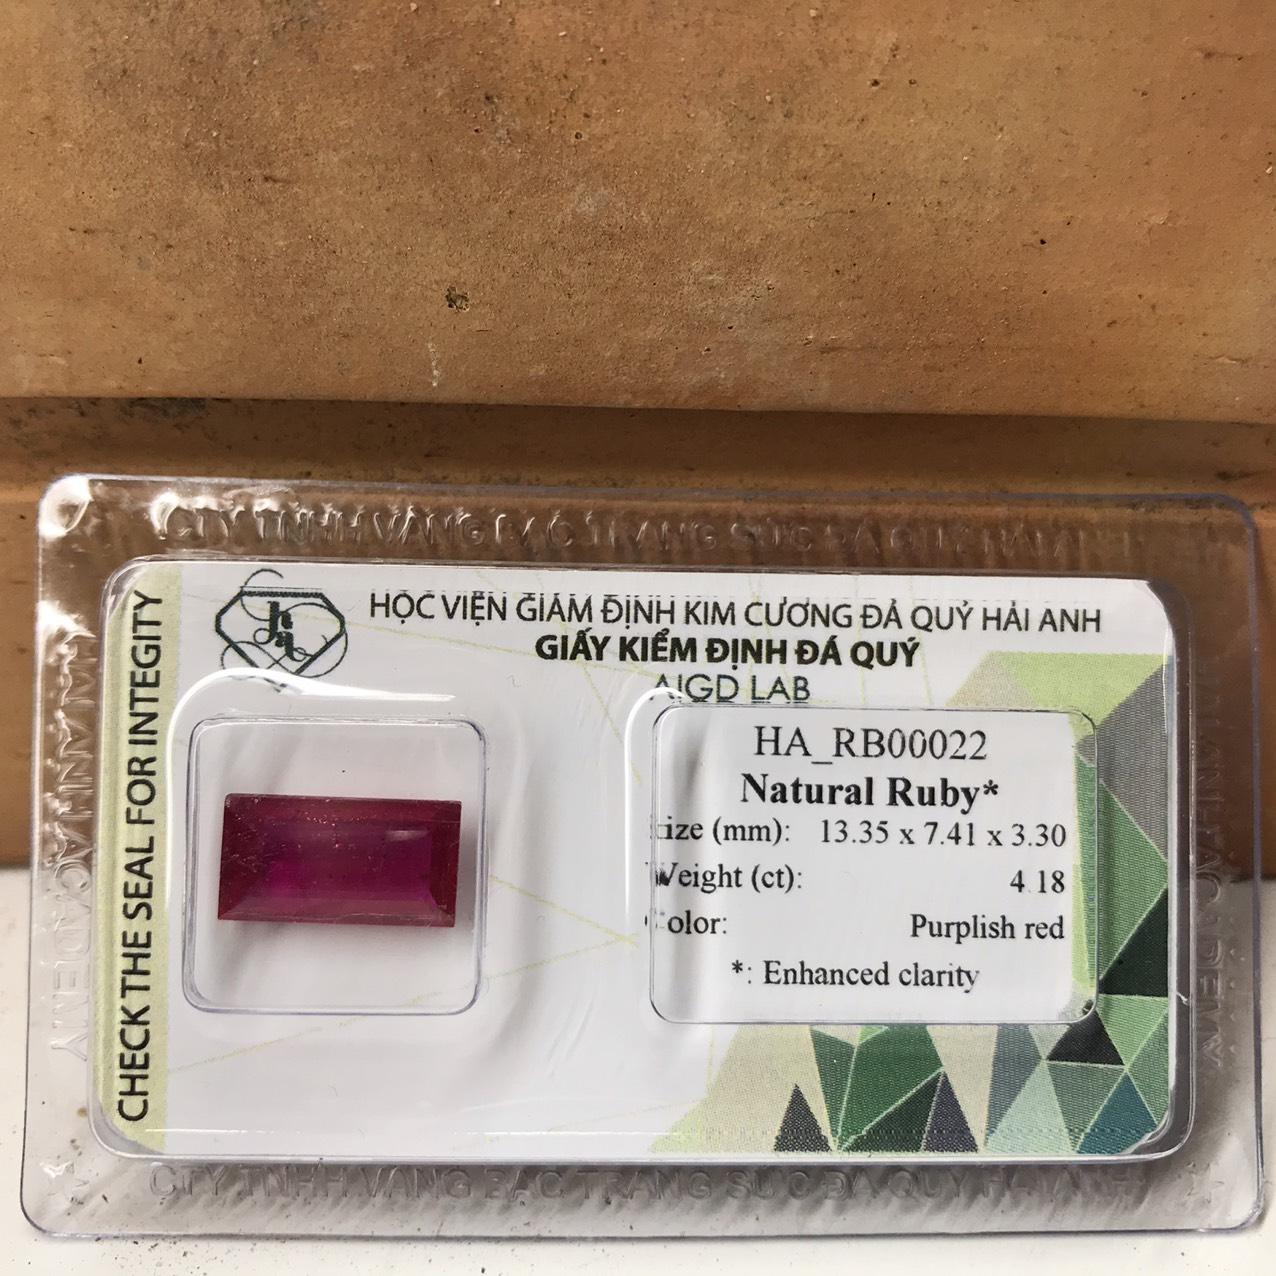 Viên đá Ruby thiên nhiên_HA-RB00022